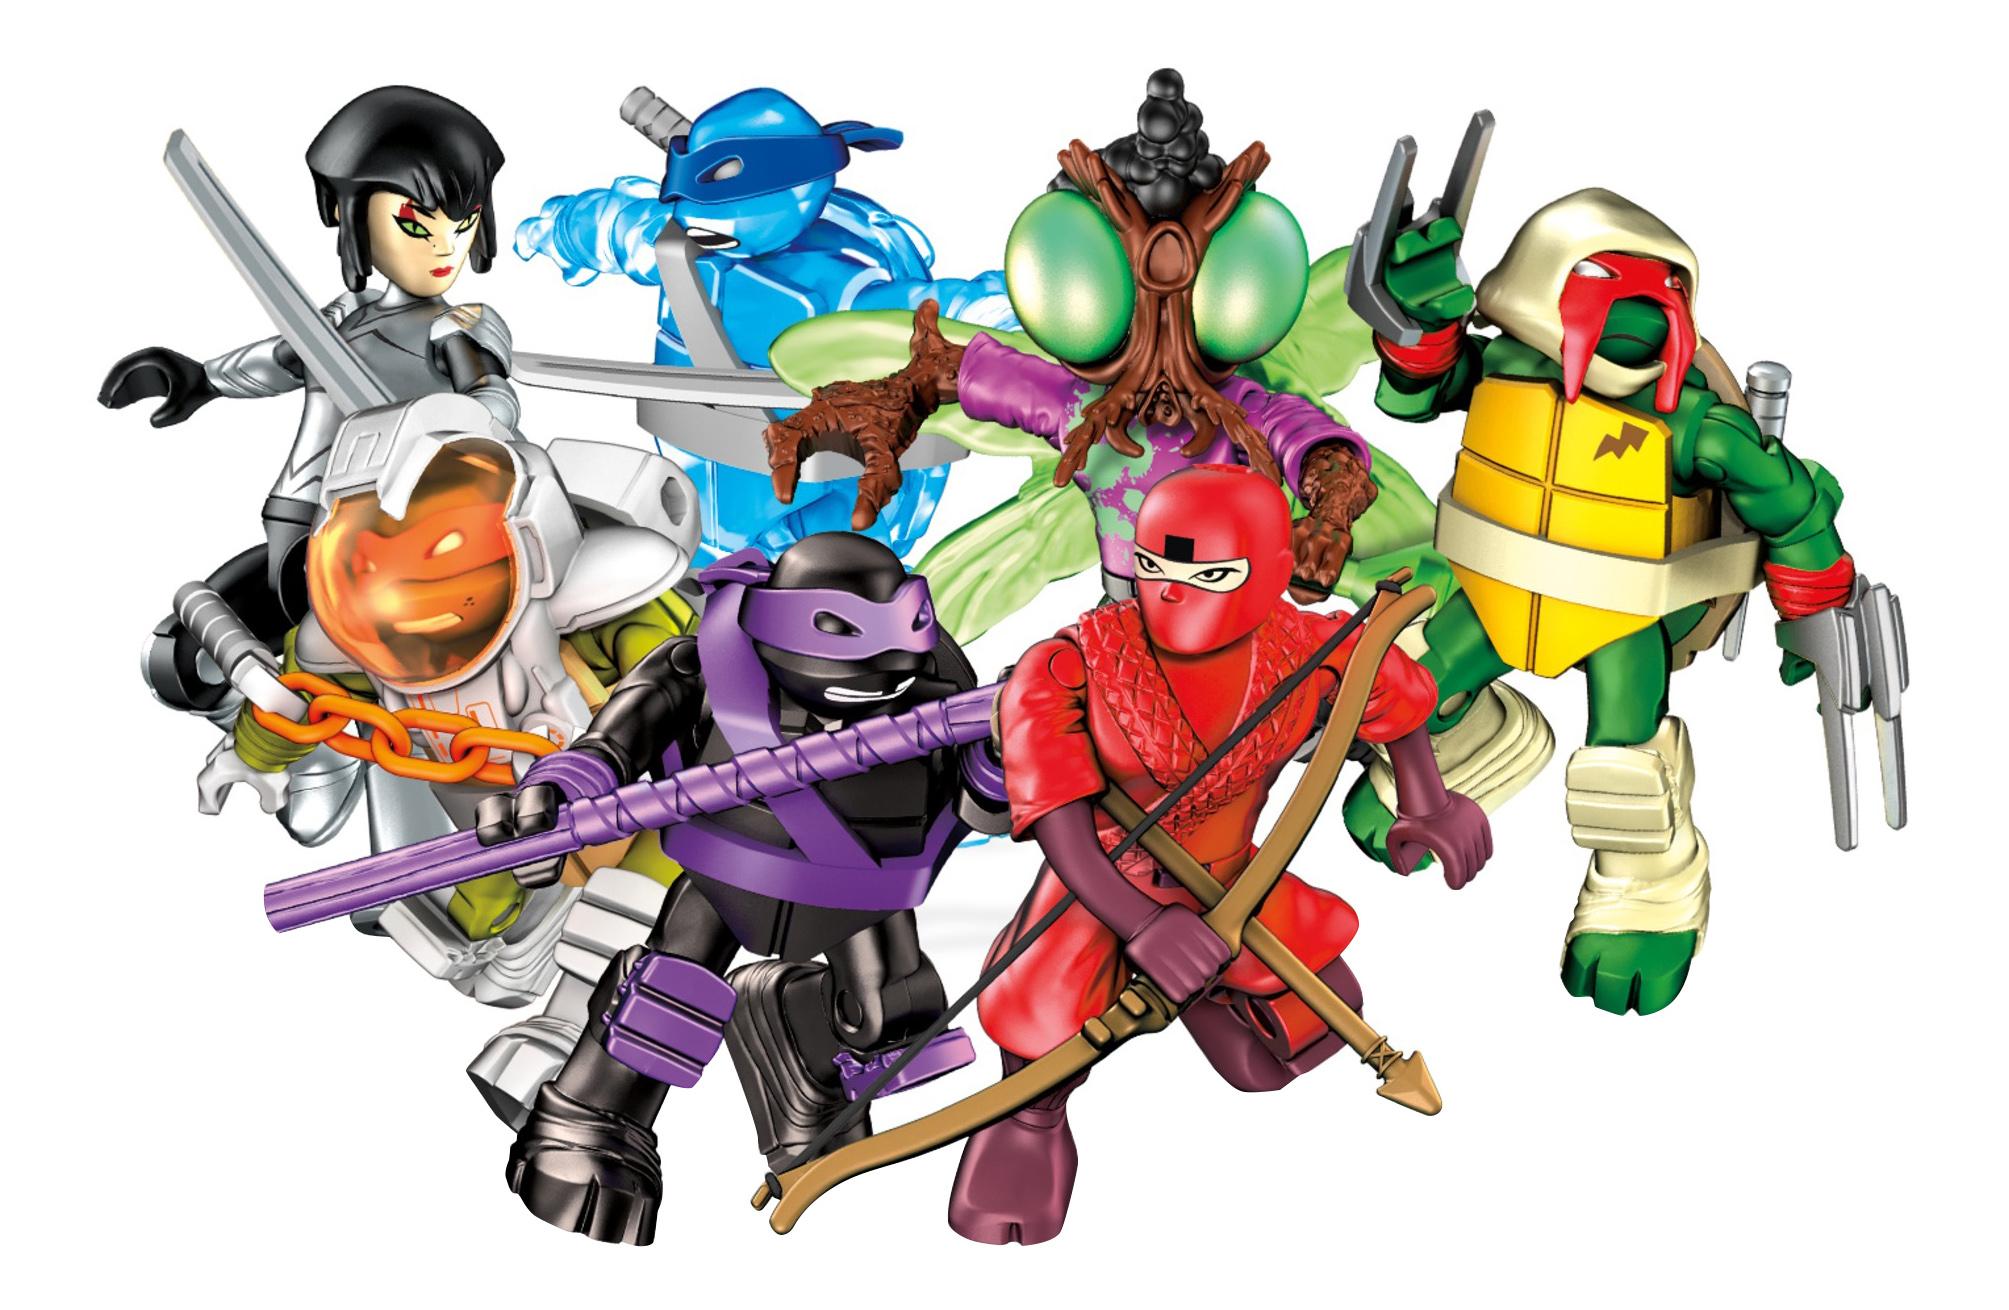 все персонажи черепашек ниндзя фото того, вообще должна